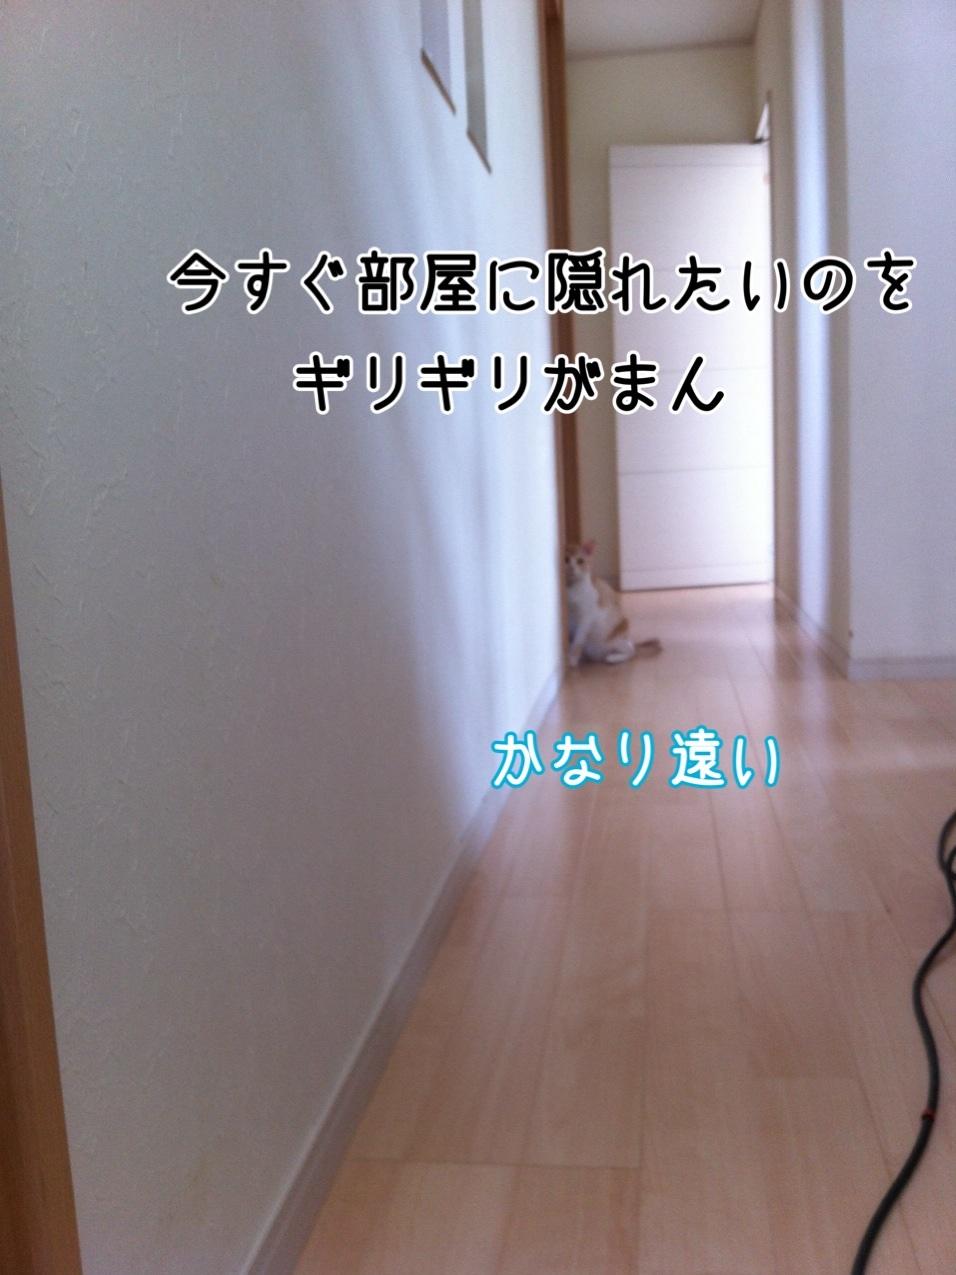 2013100614284819d.jpg